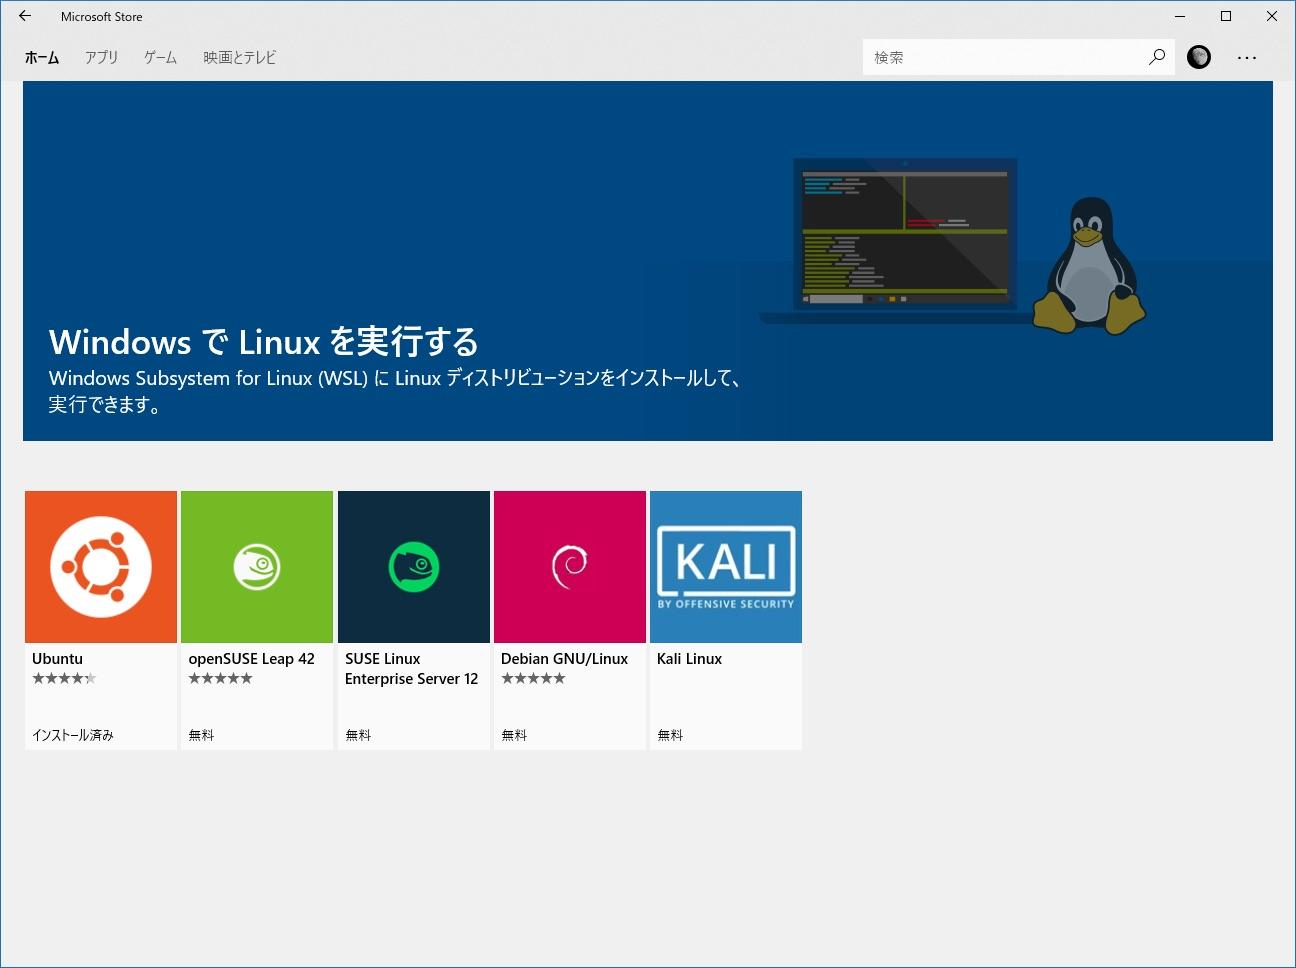 windows 10でlinuxを使う 正式機能になったwslの導入方法 ask for windows